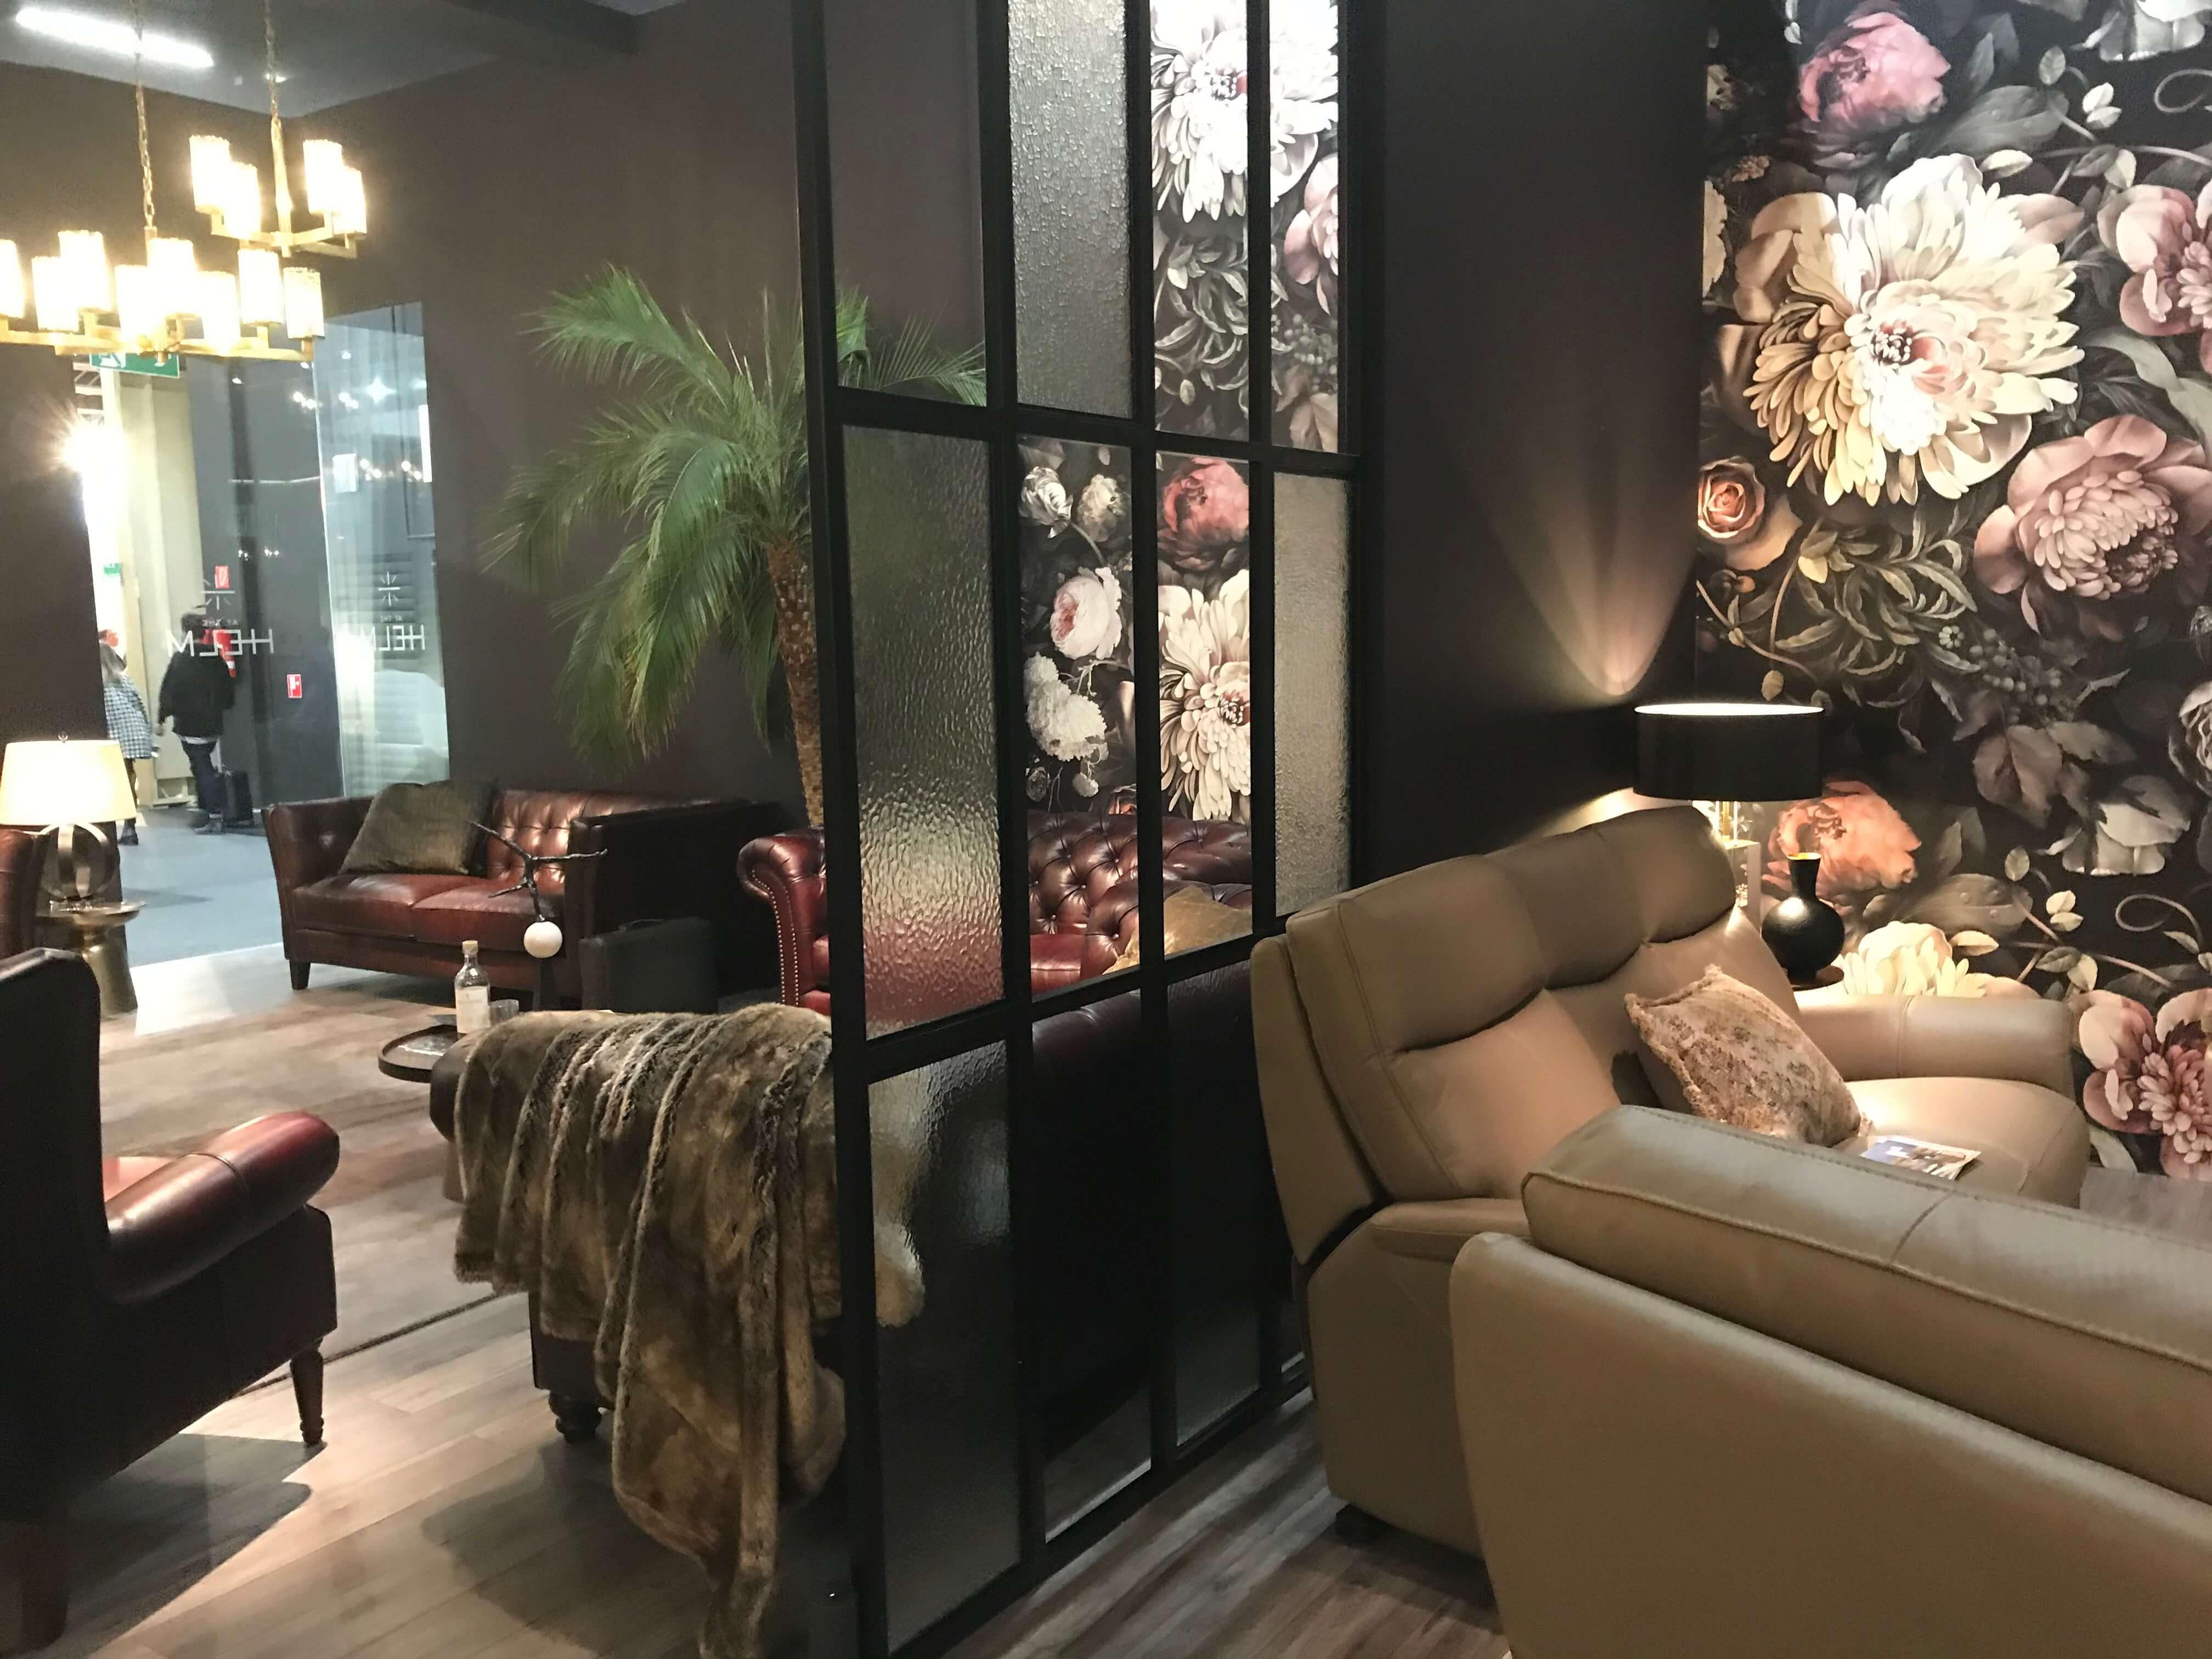 c490e7102332 ... IMM Cologne 2019. Gemütliche Couchlandschaften werden mit exklusiven  Materialien zu Luxusobjekten